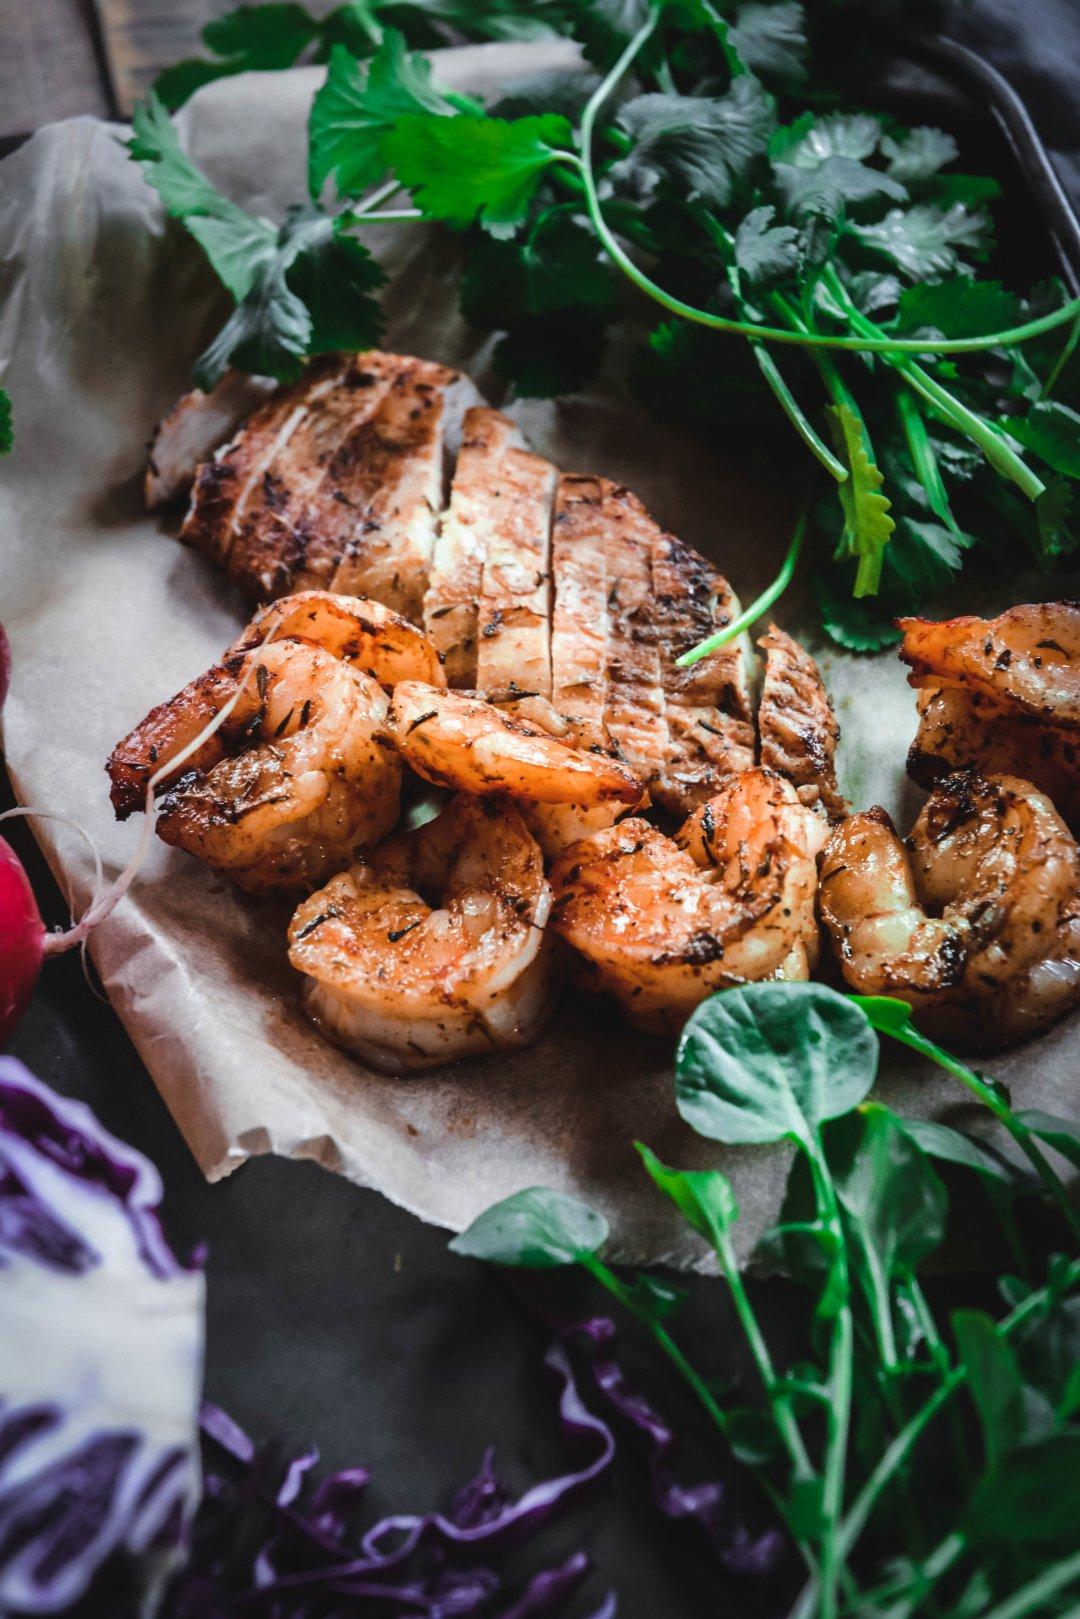 Jerk Chicken and Shrimp on tray